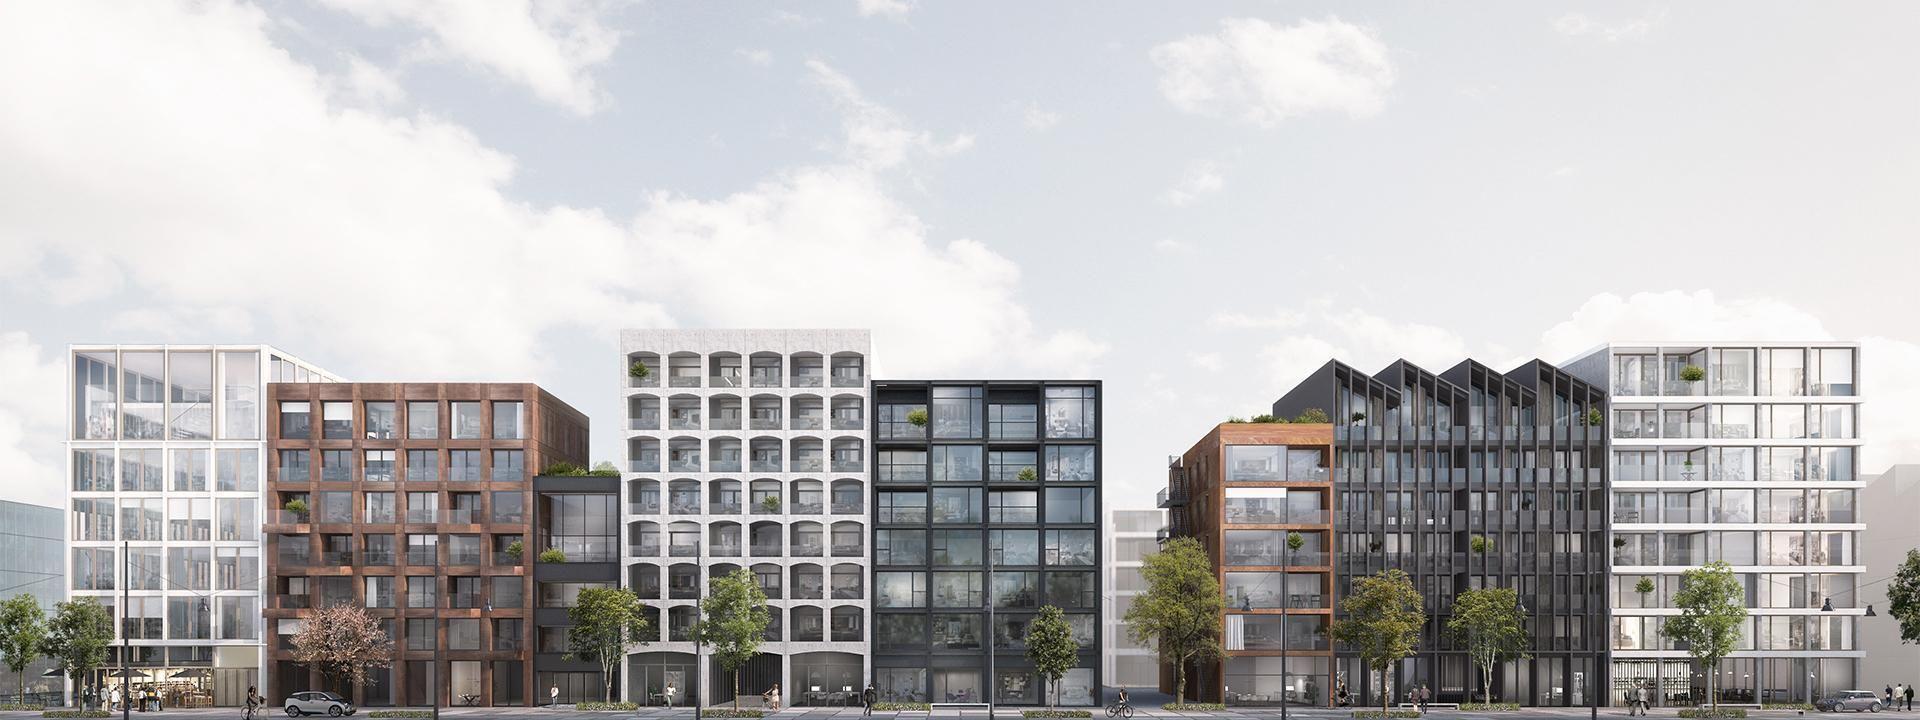 <p>aanzicht Oostenburgermiddenstraat ( Paul de Ruiter/Bastiaan Jongerius/Ronald Jansen)</p>